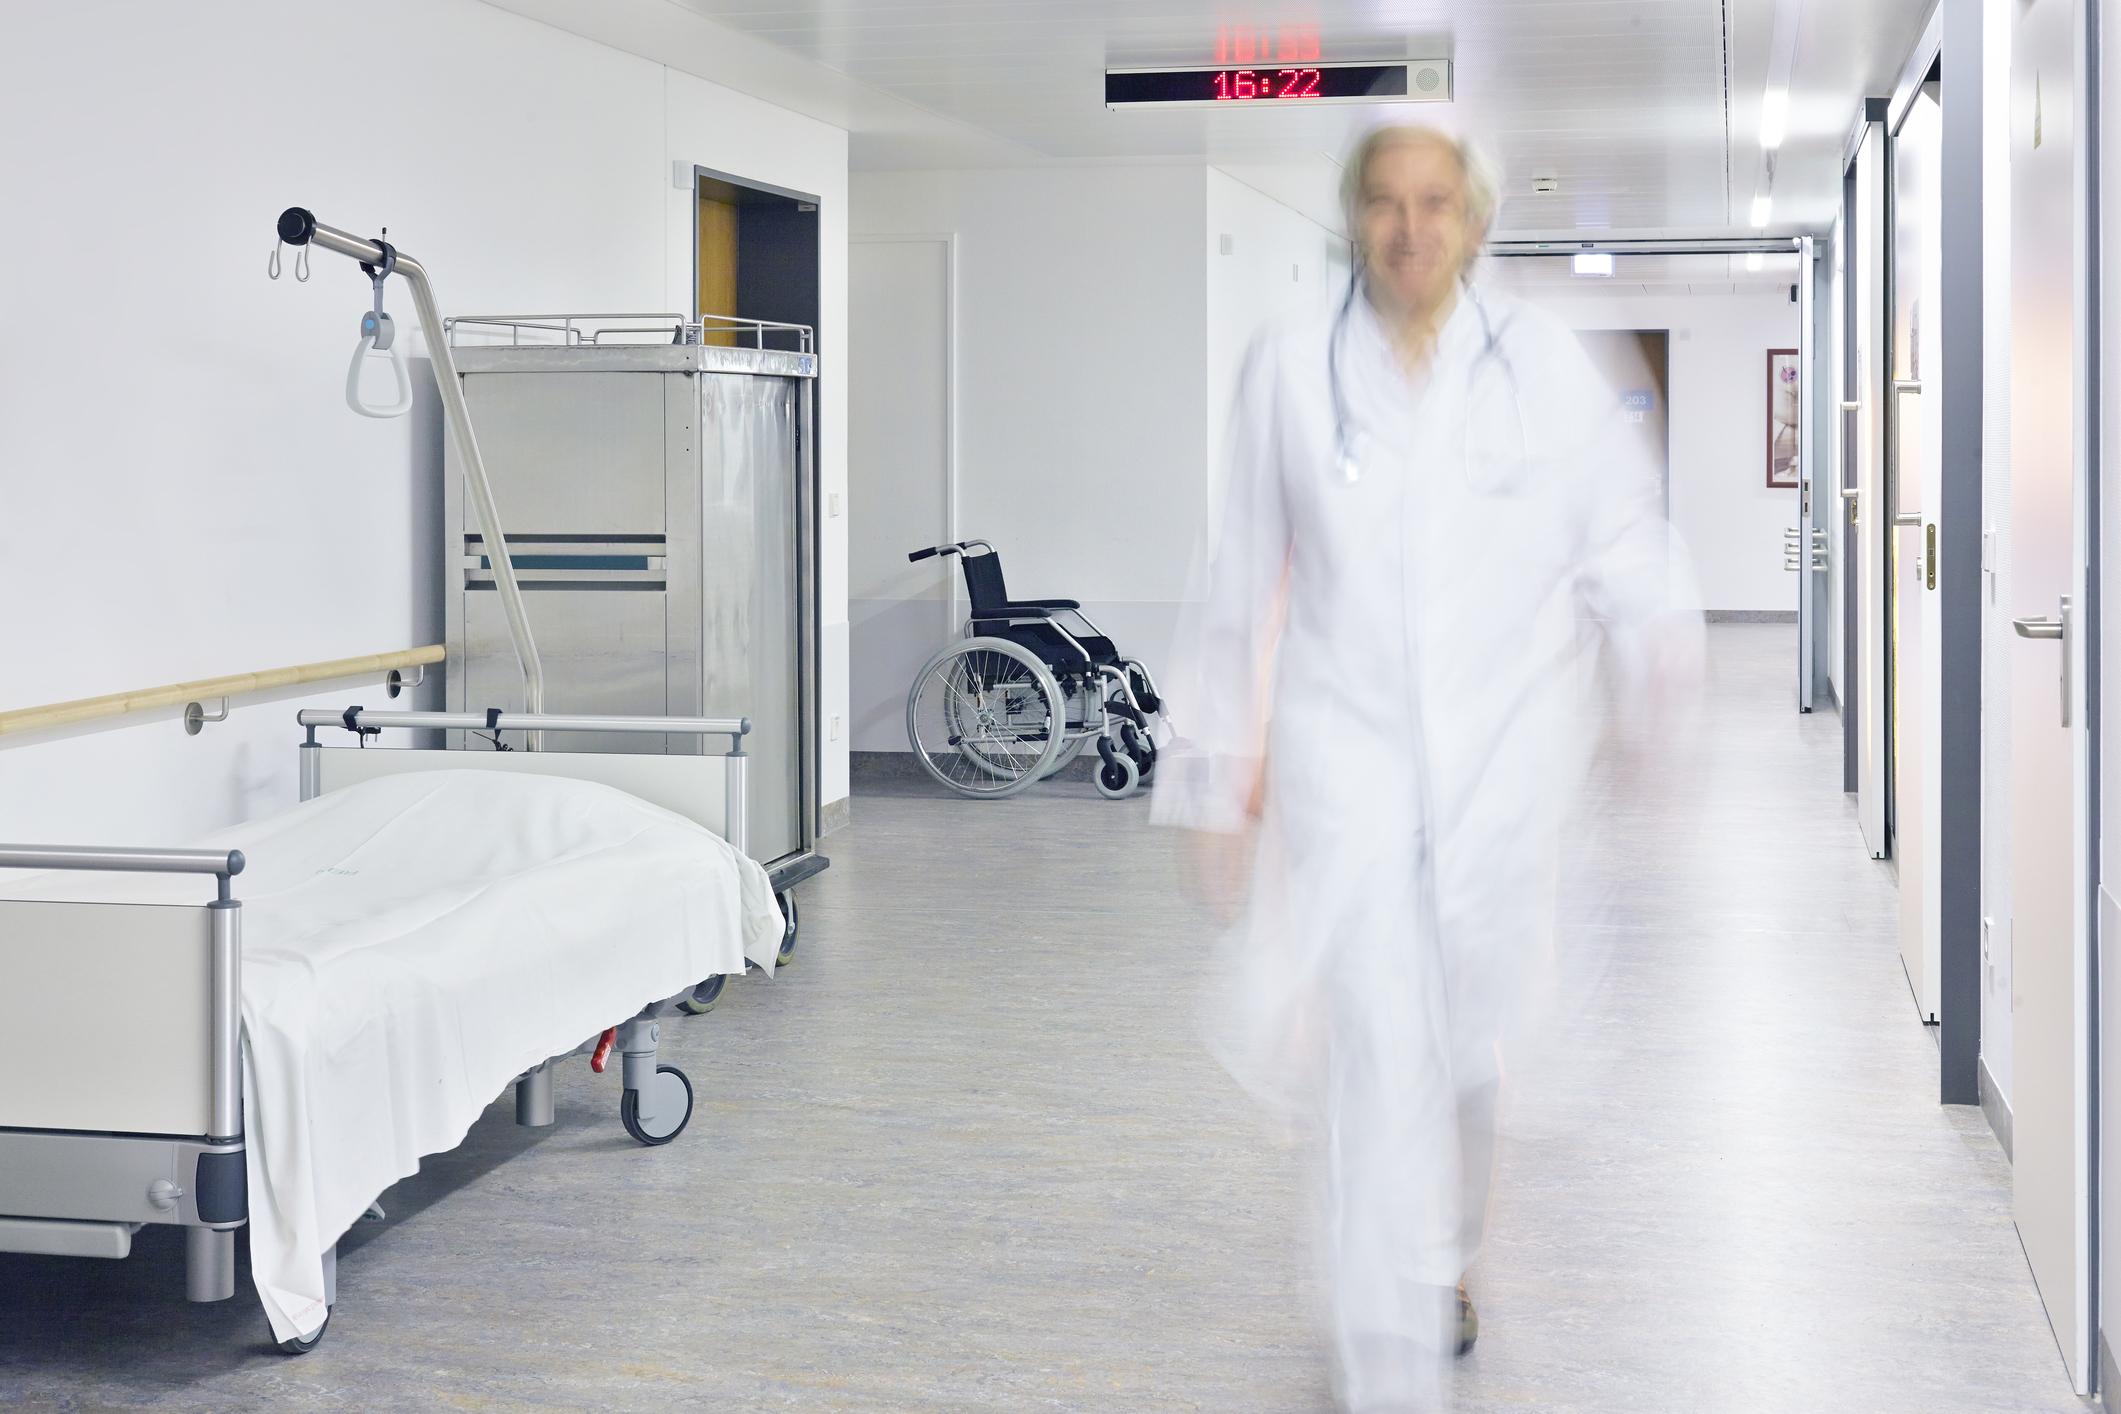 Utydelig lege gående i en sykehuskorridor